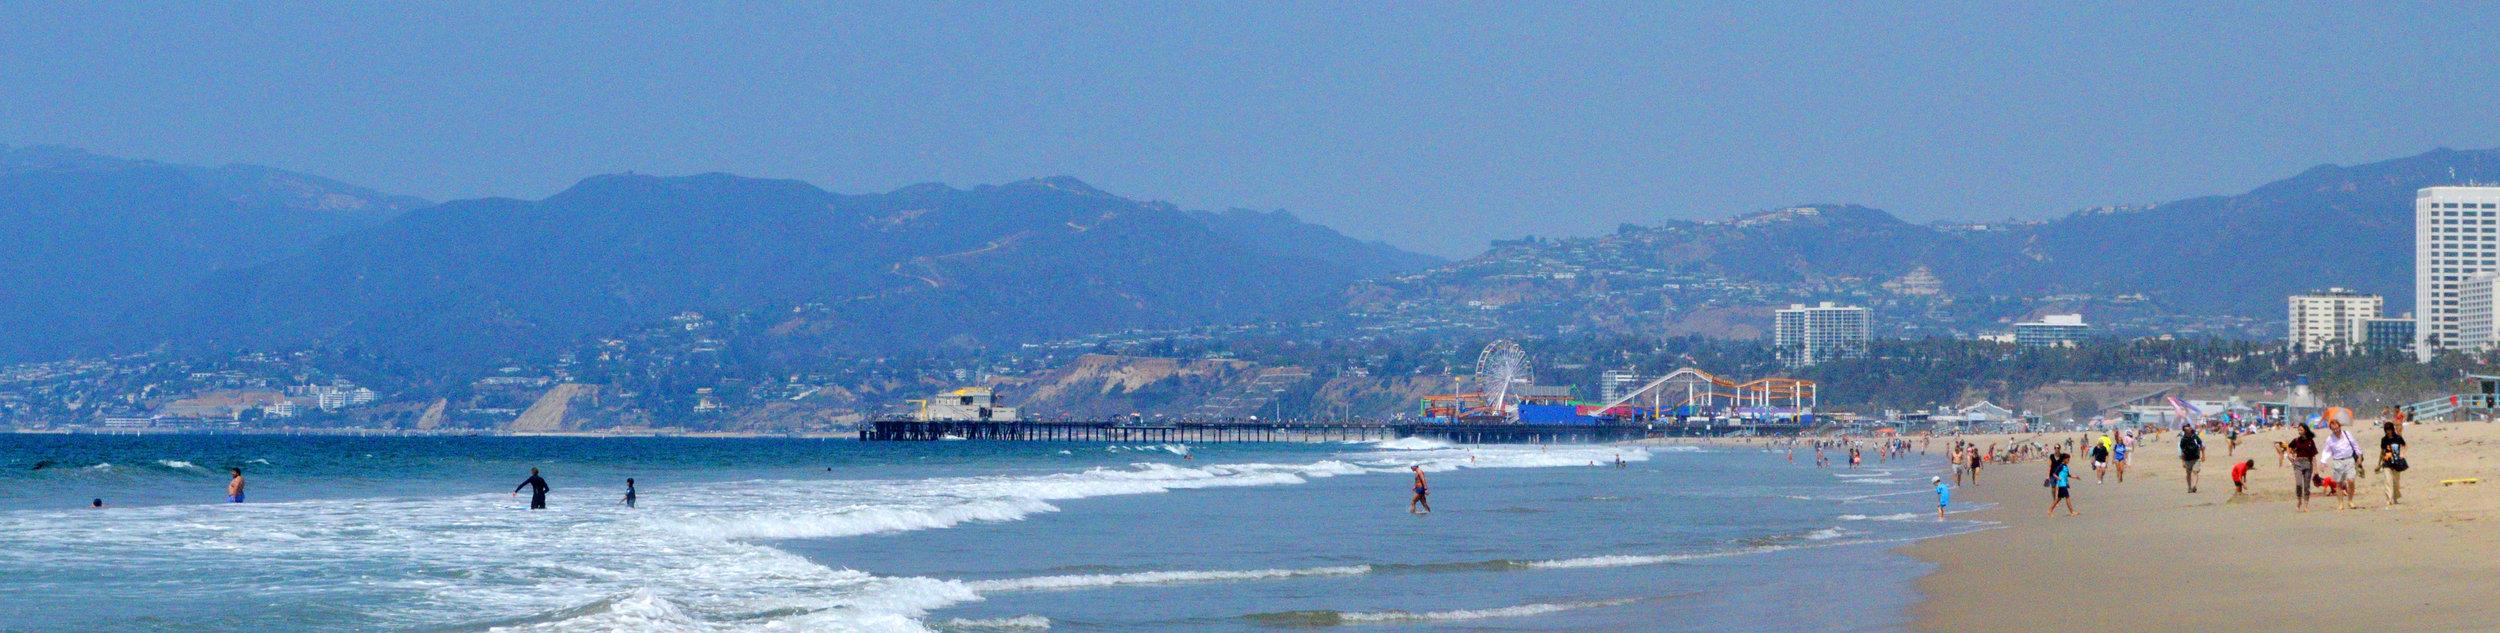 30Fifteen-Santa-Monica-beach